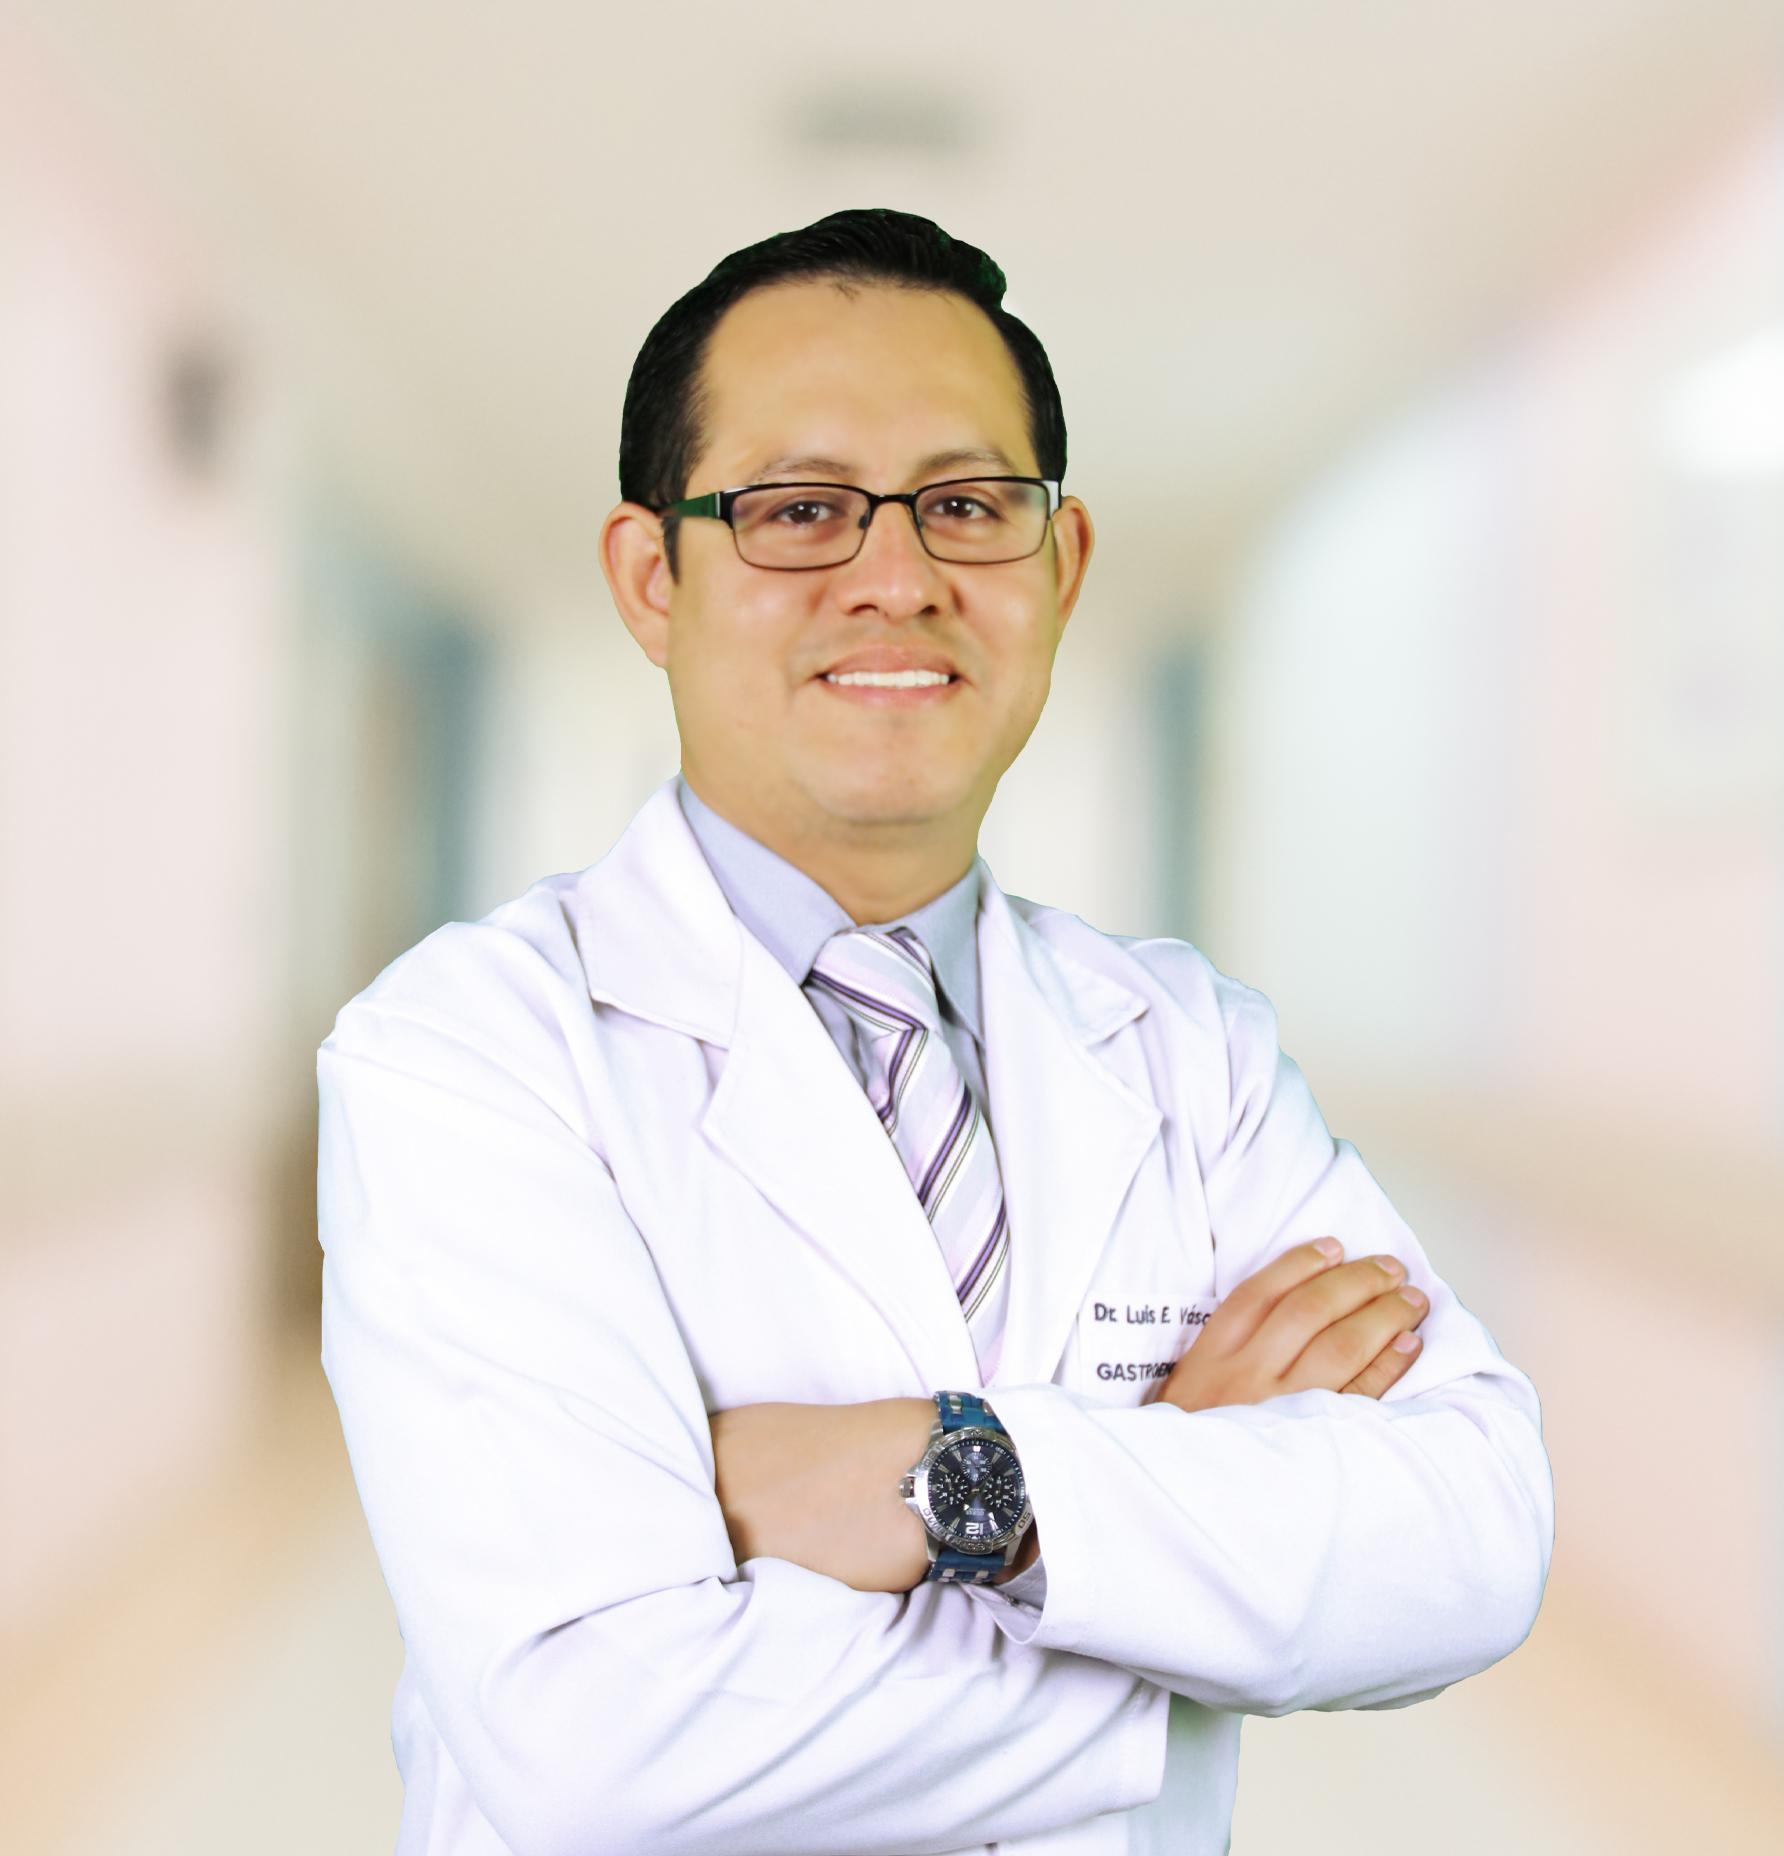 Dr. Luis Vásquez Elera